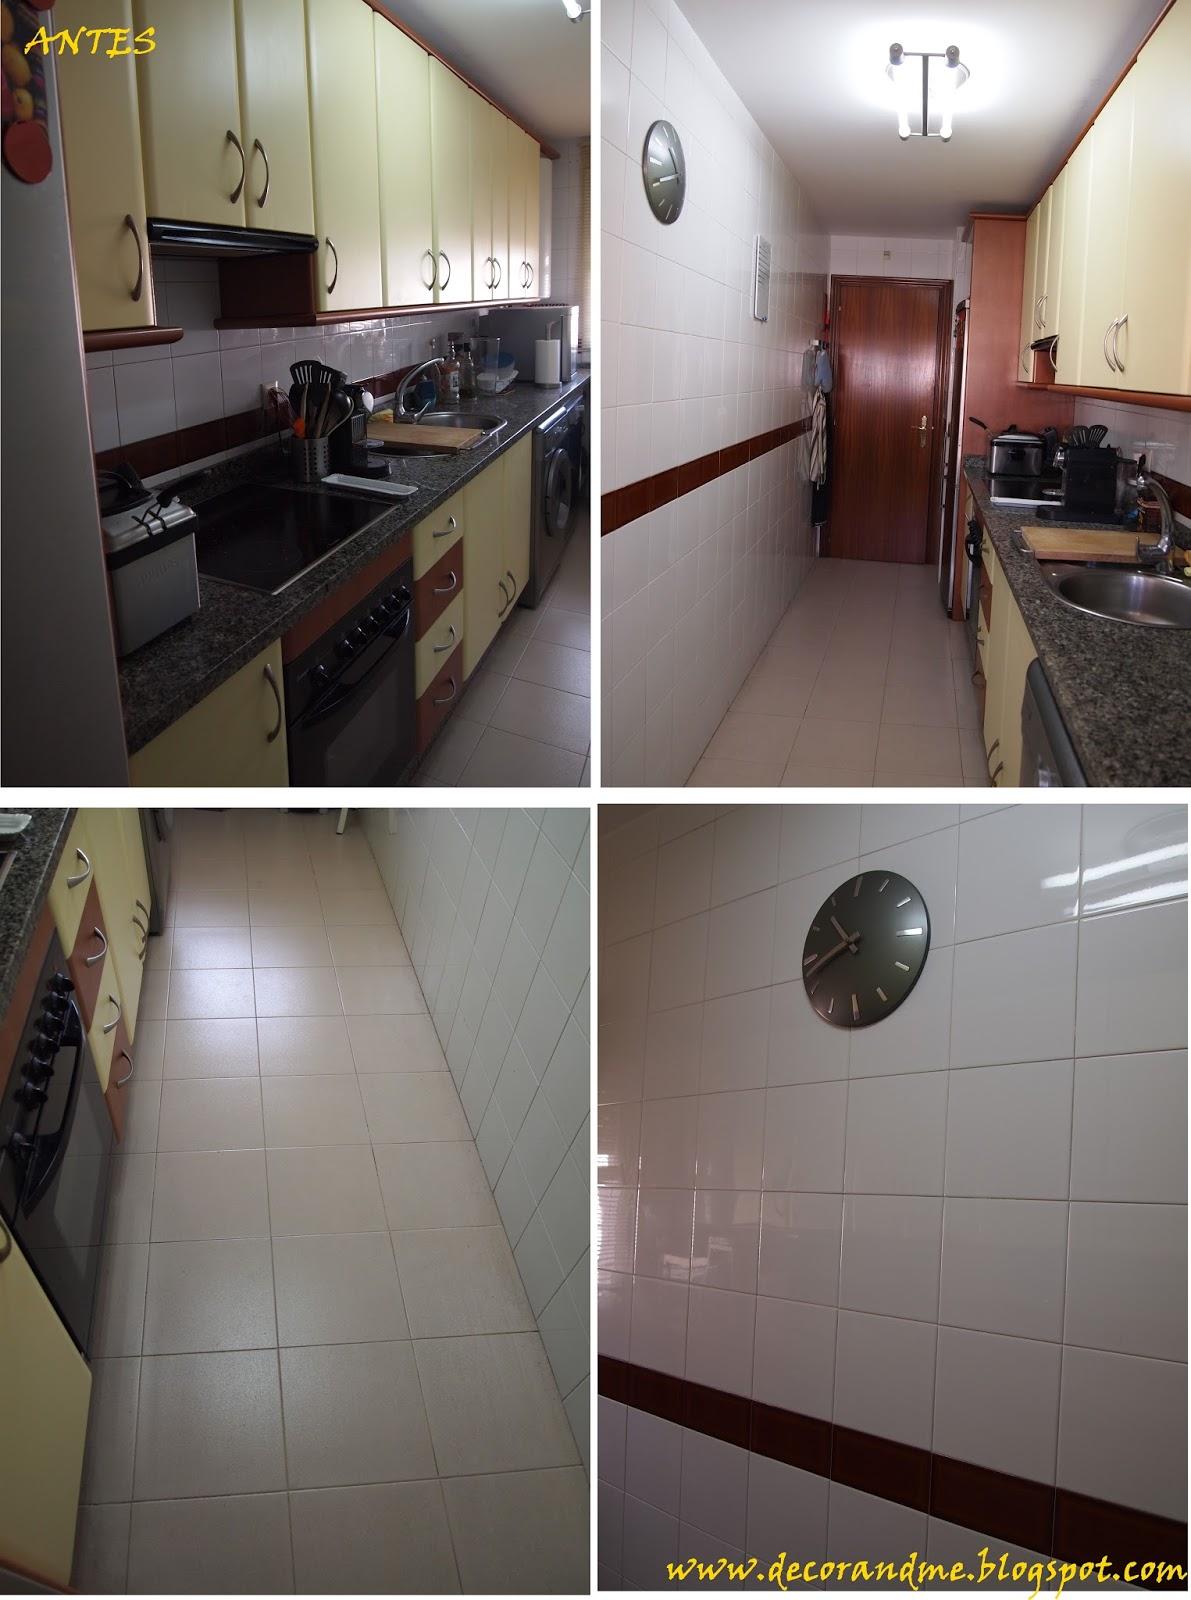 Decor me diy cambia tu cocina por poco dinero - Cambiar azulejos cocina ...